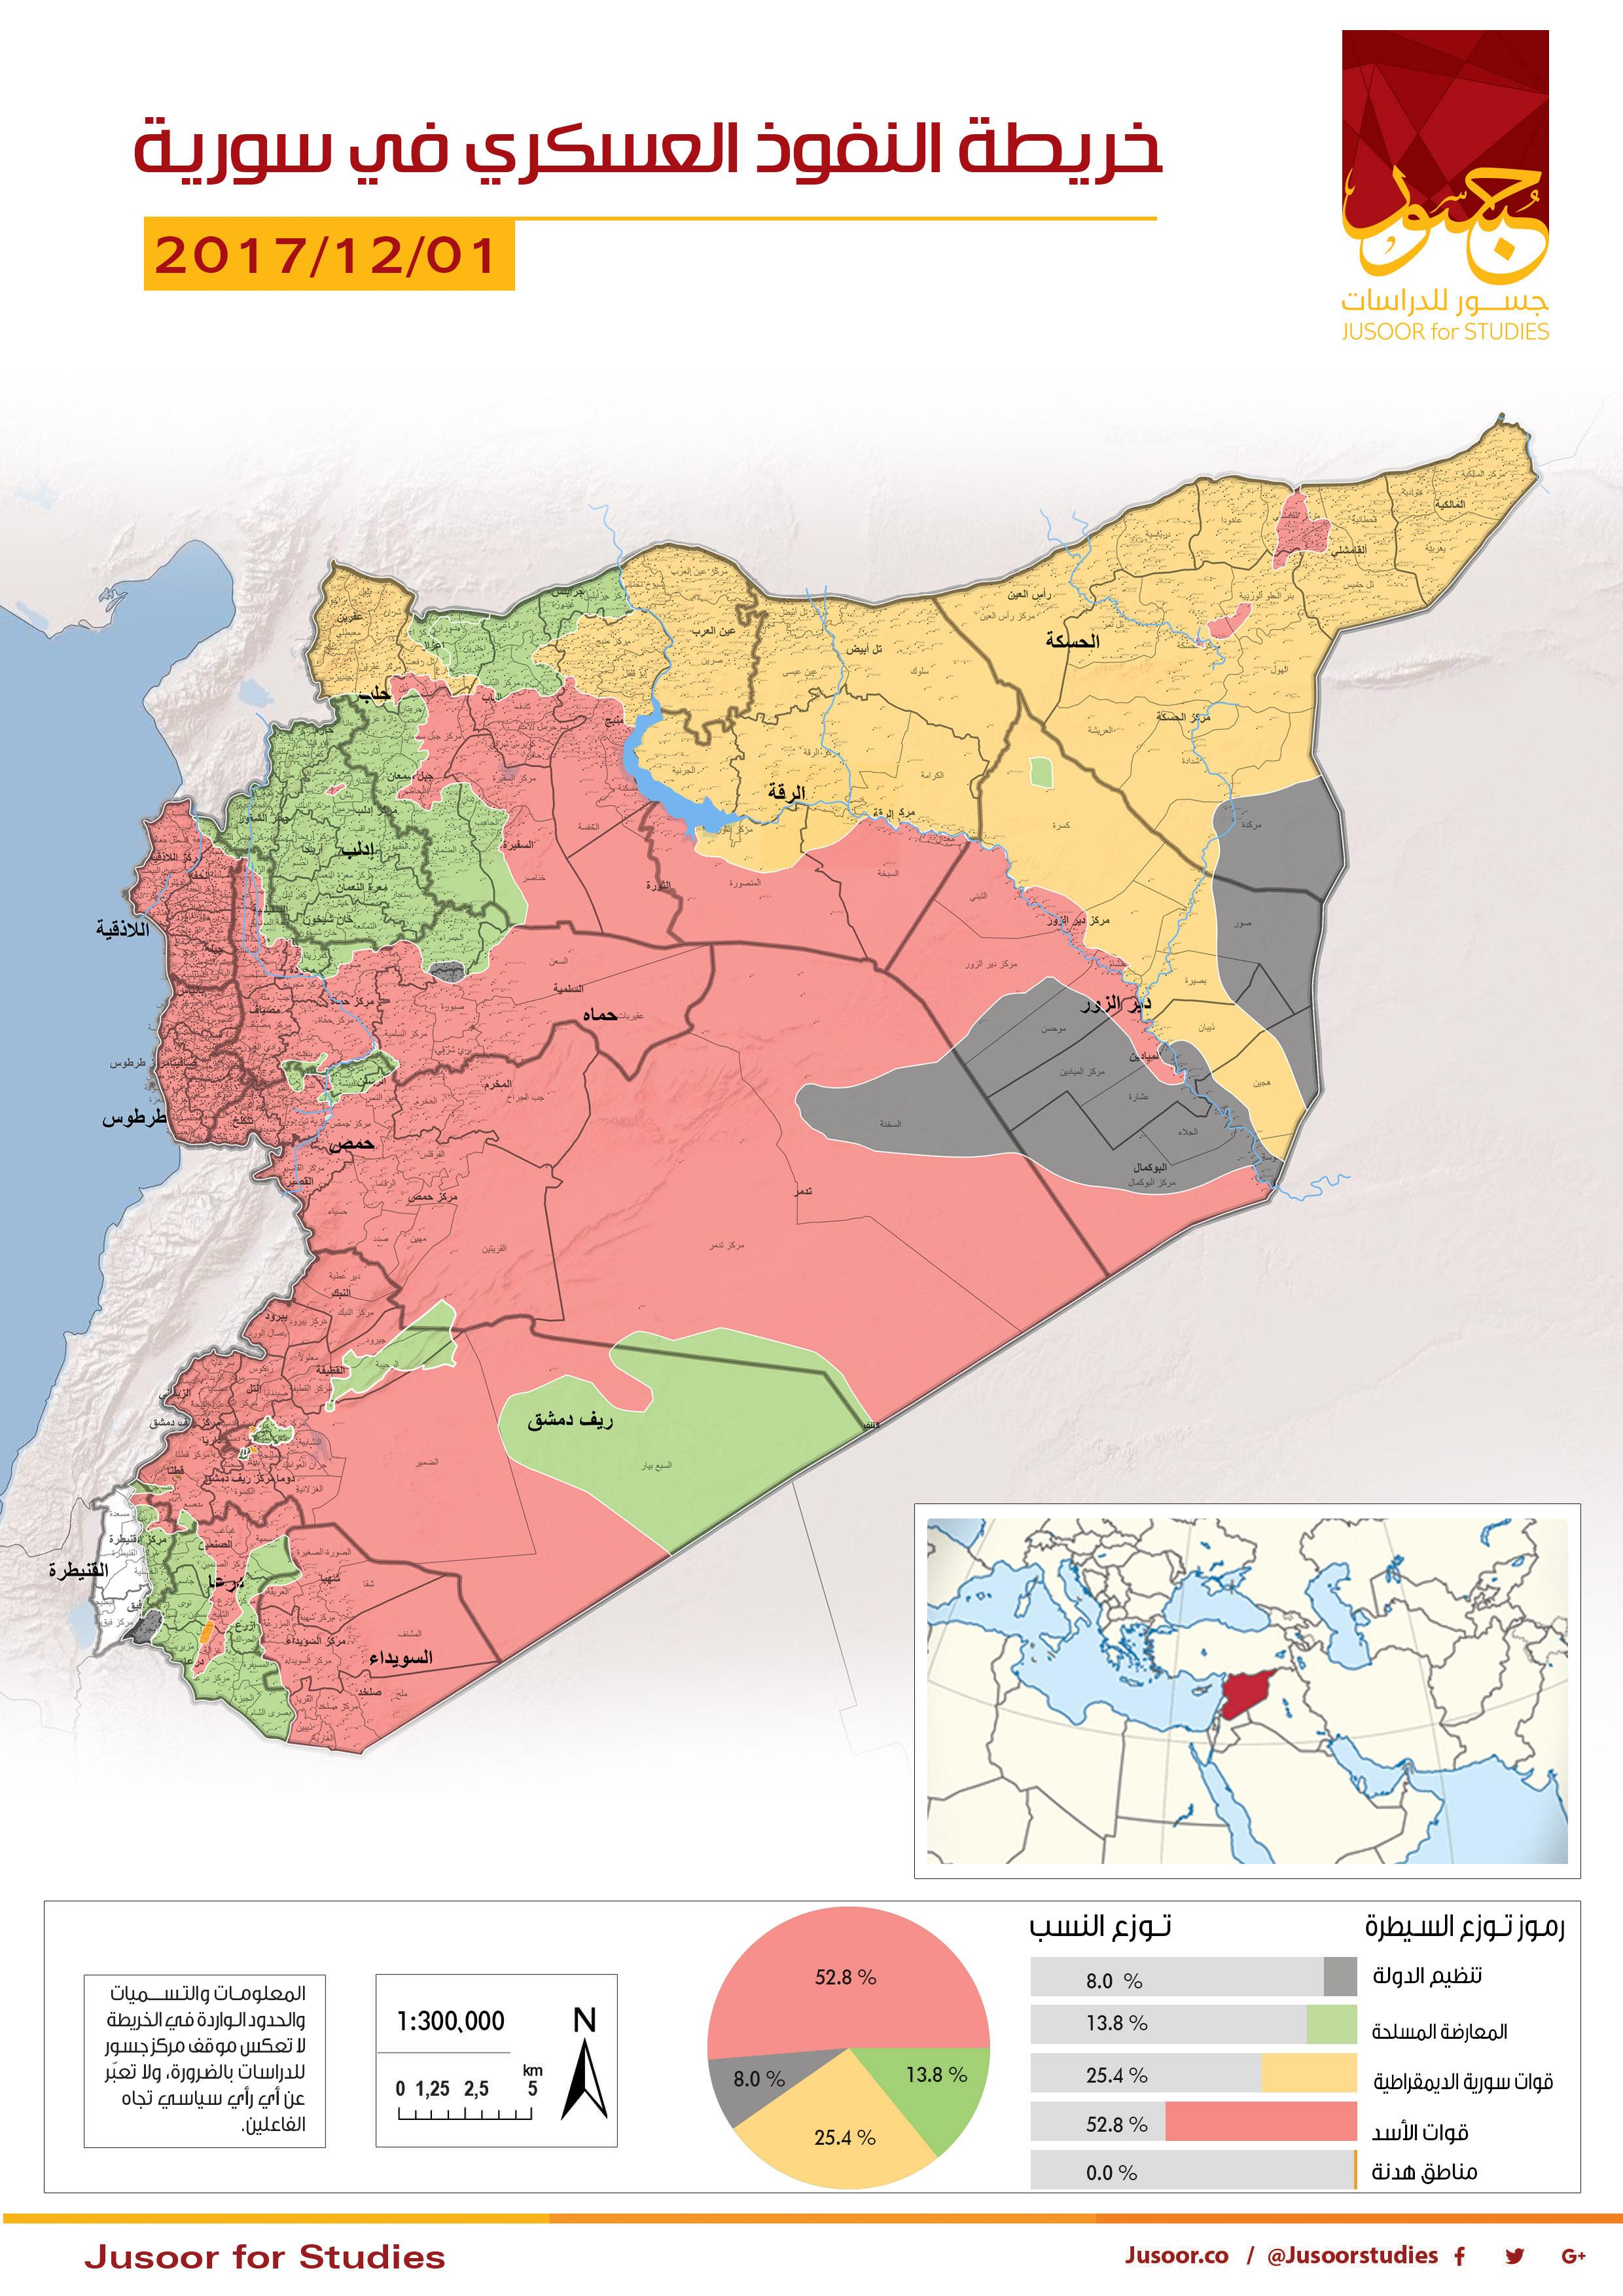 خريطة النفوذ العسكري في سورية حتى الشهر الاخير من 2017